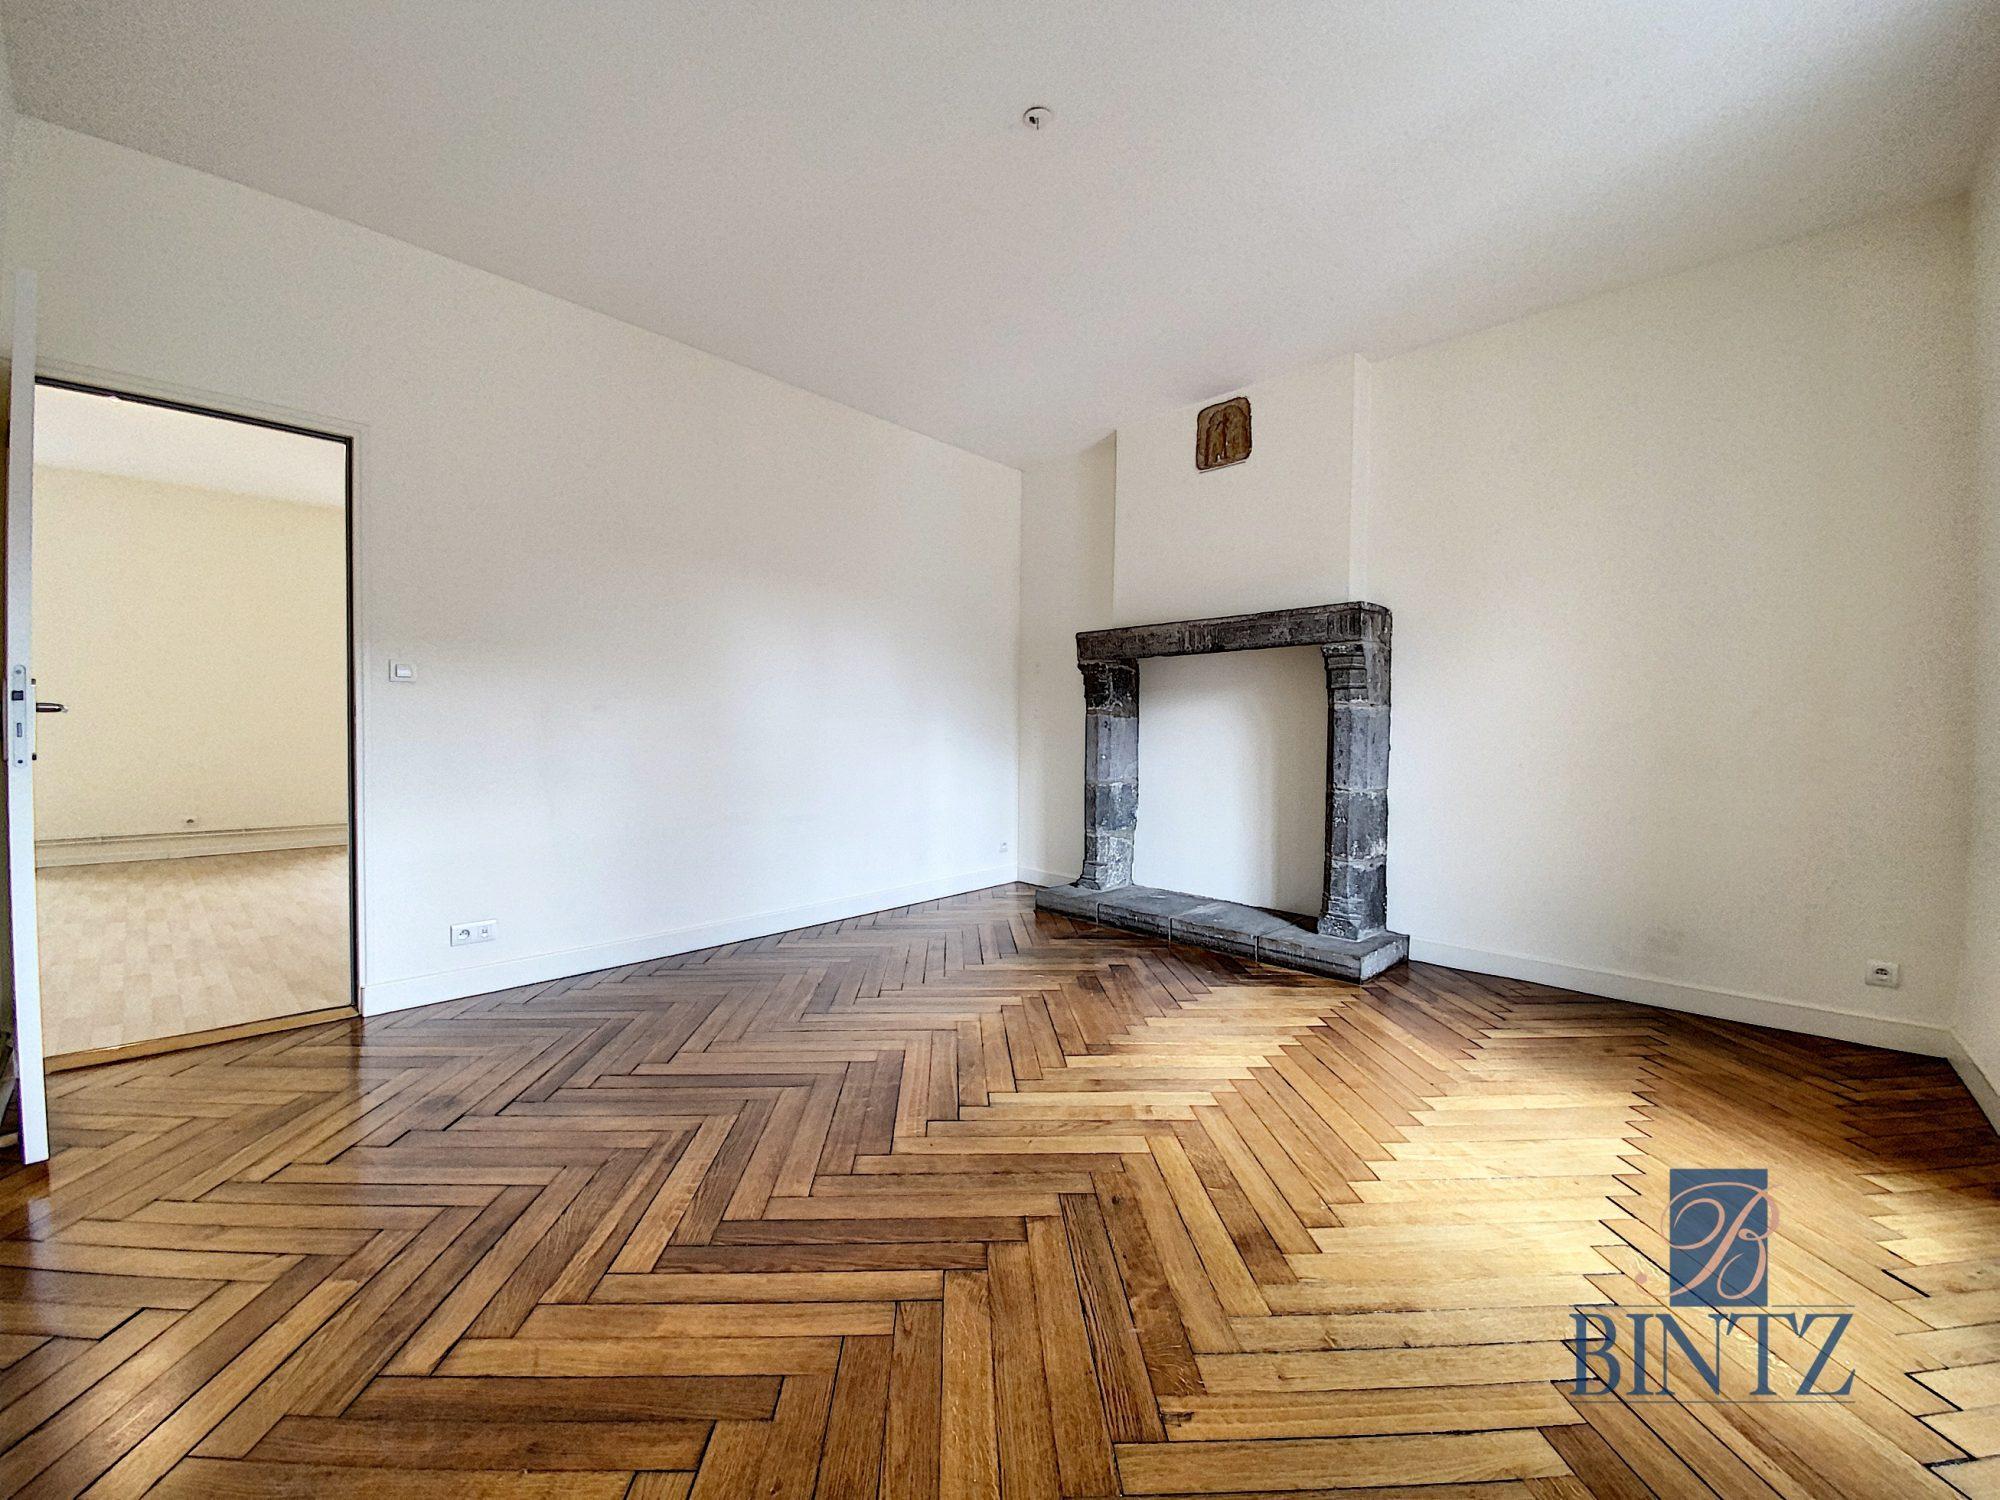 3 pièces toulon/arroux 1er maison de maitre - Devenez locataire en toute sérénité - Bintz Immobilier - 5